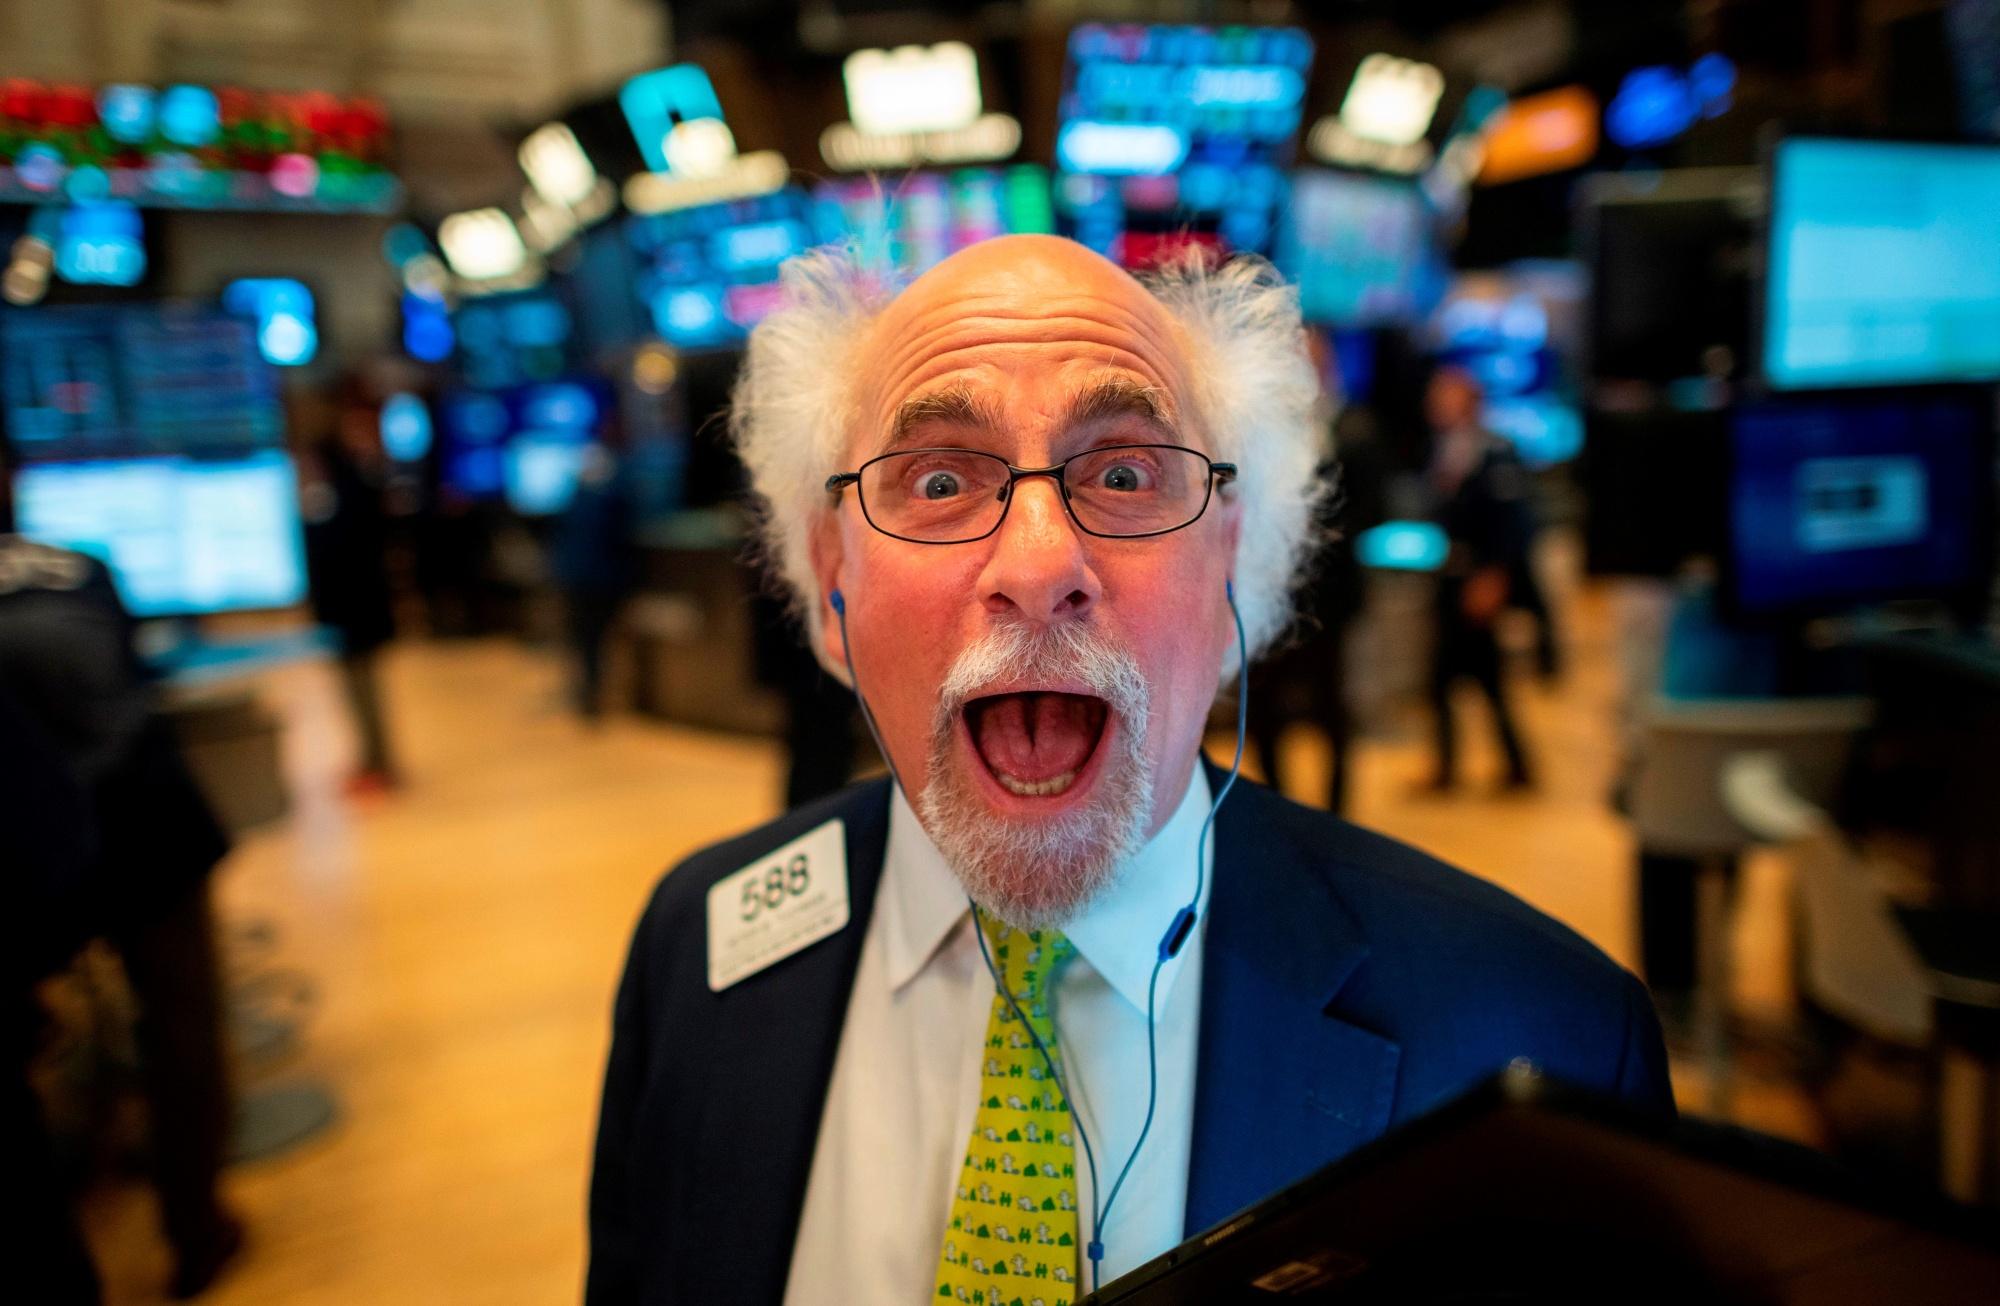 Les investisseurs boursiers ont-ils vraiment besoin d'encouragement?